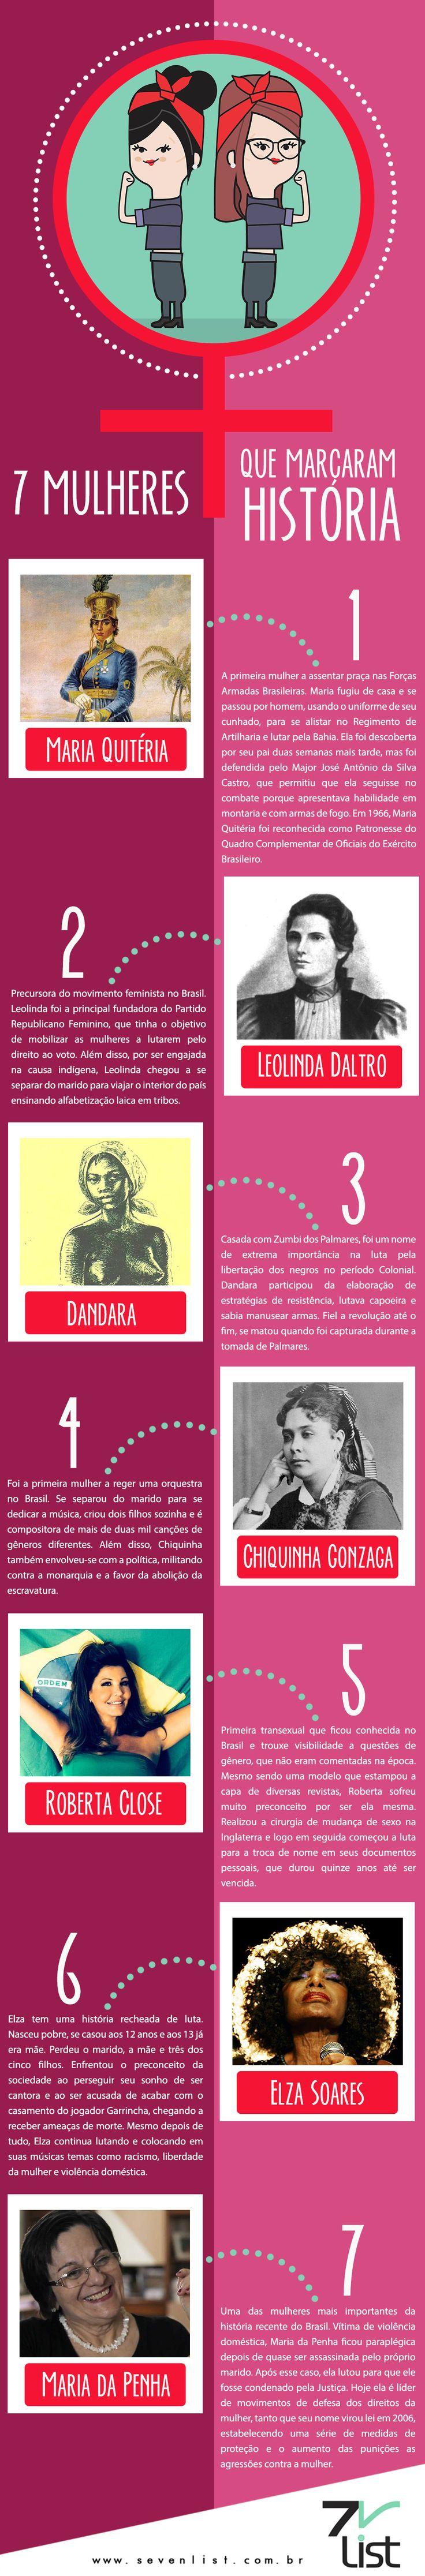 7 mulheres dentre tantas outras que também marcaram história de alguma forma...